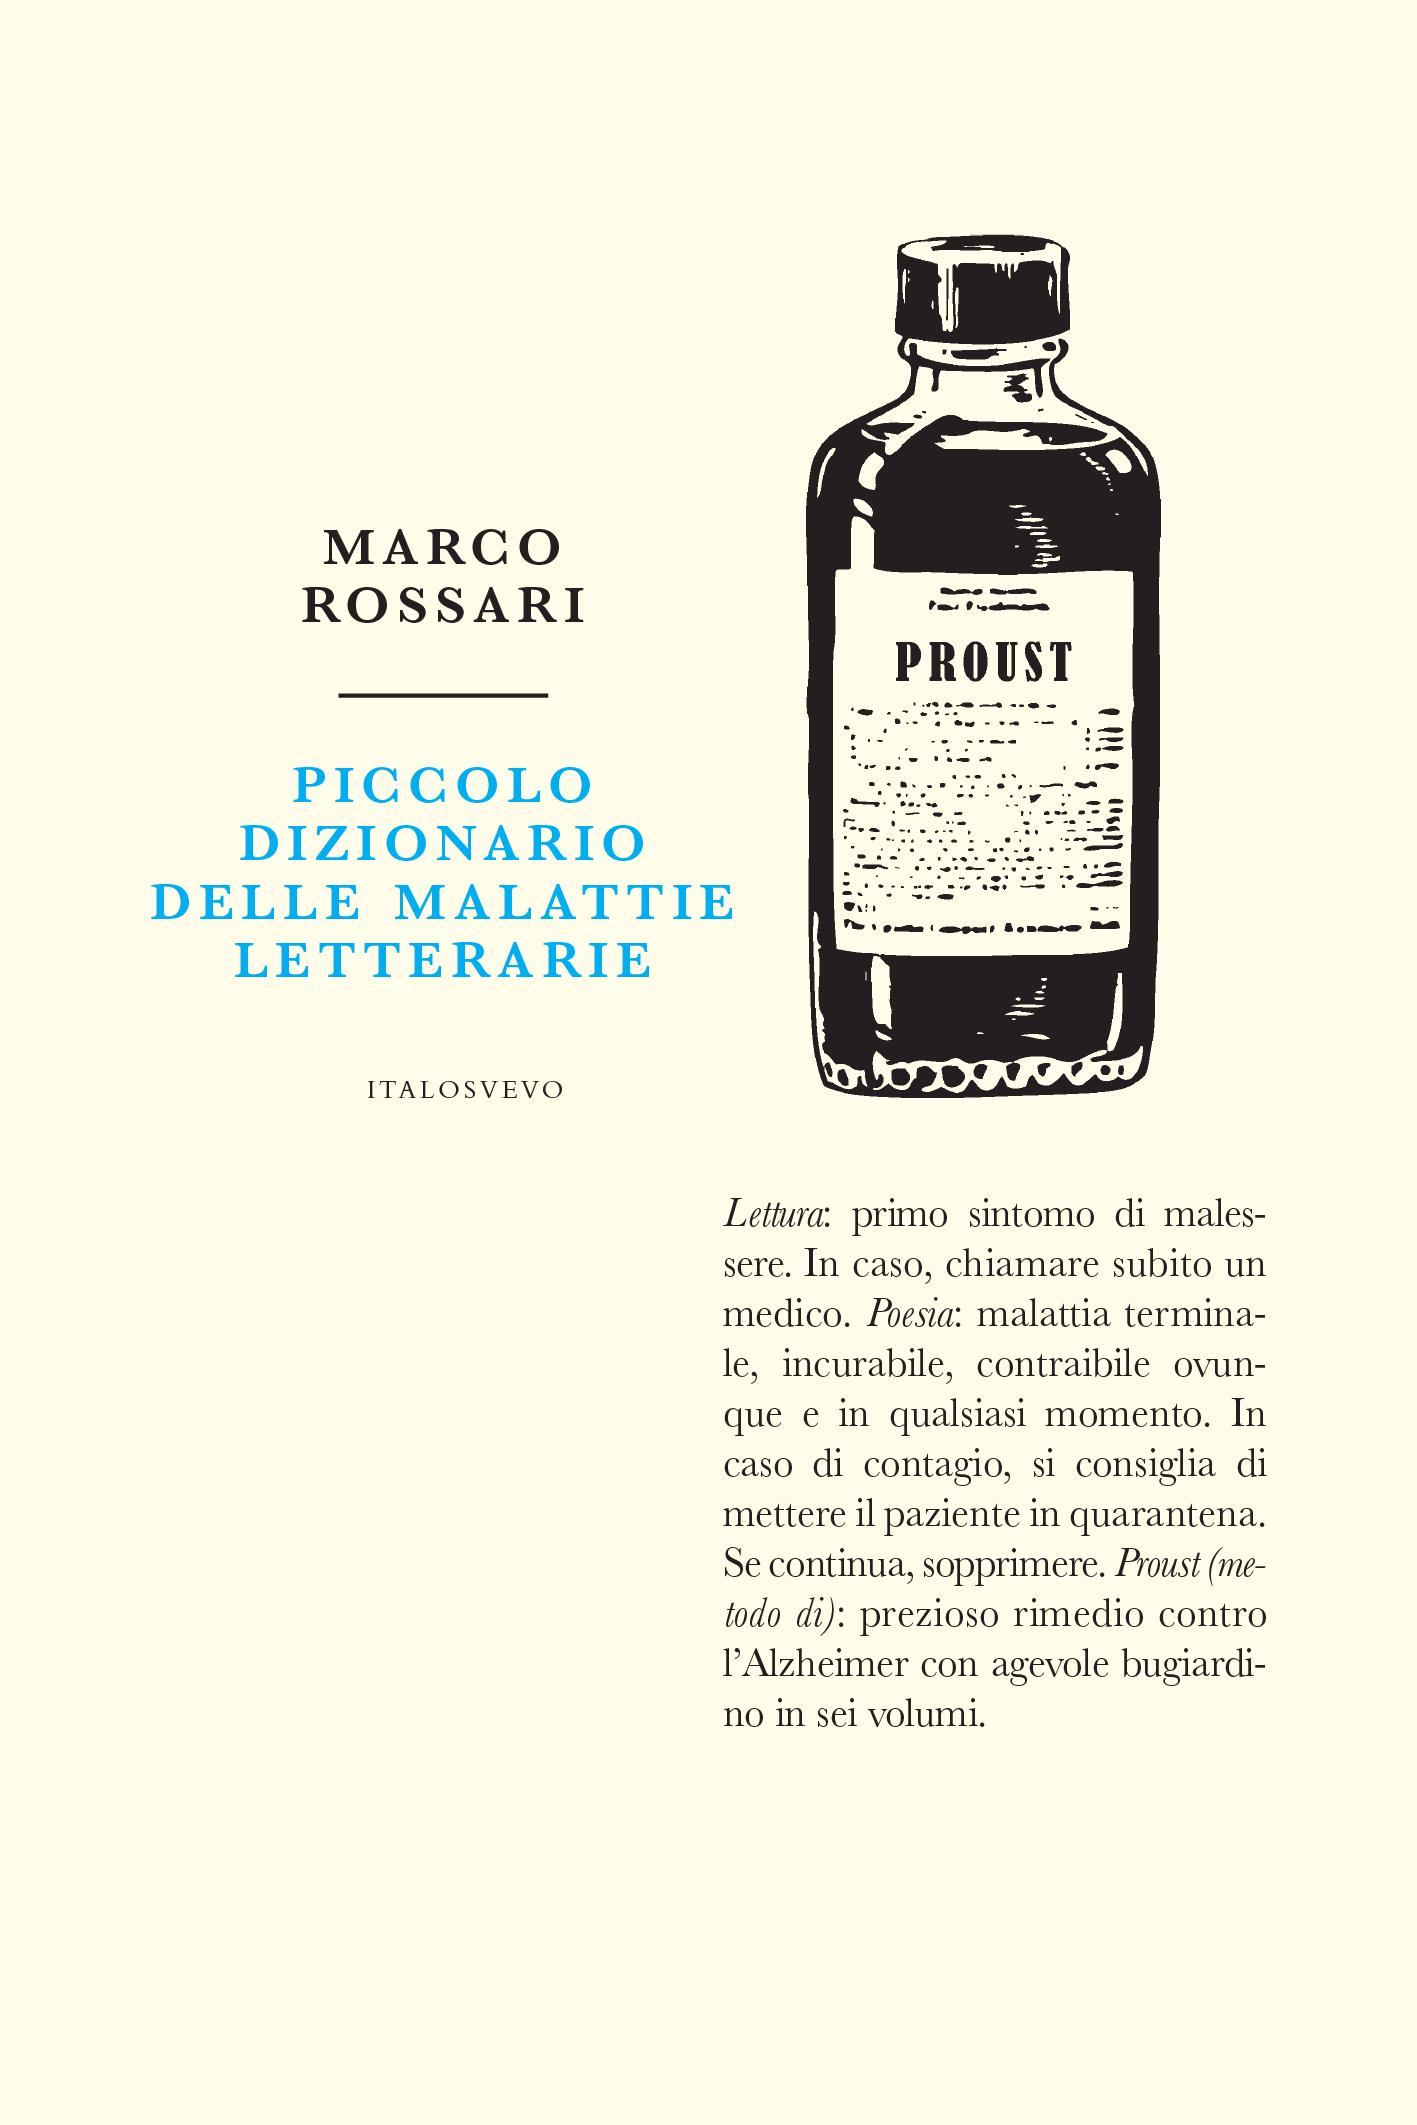 Italo Svevo Edizioni - Piccolo dizionario delle malattie letterarie - Rossari